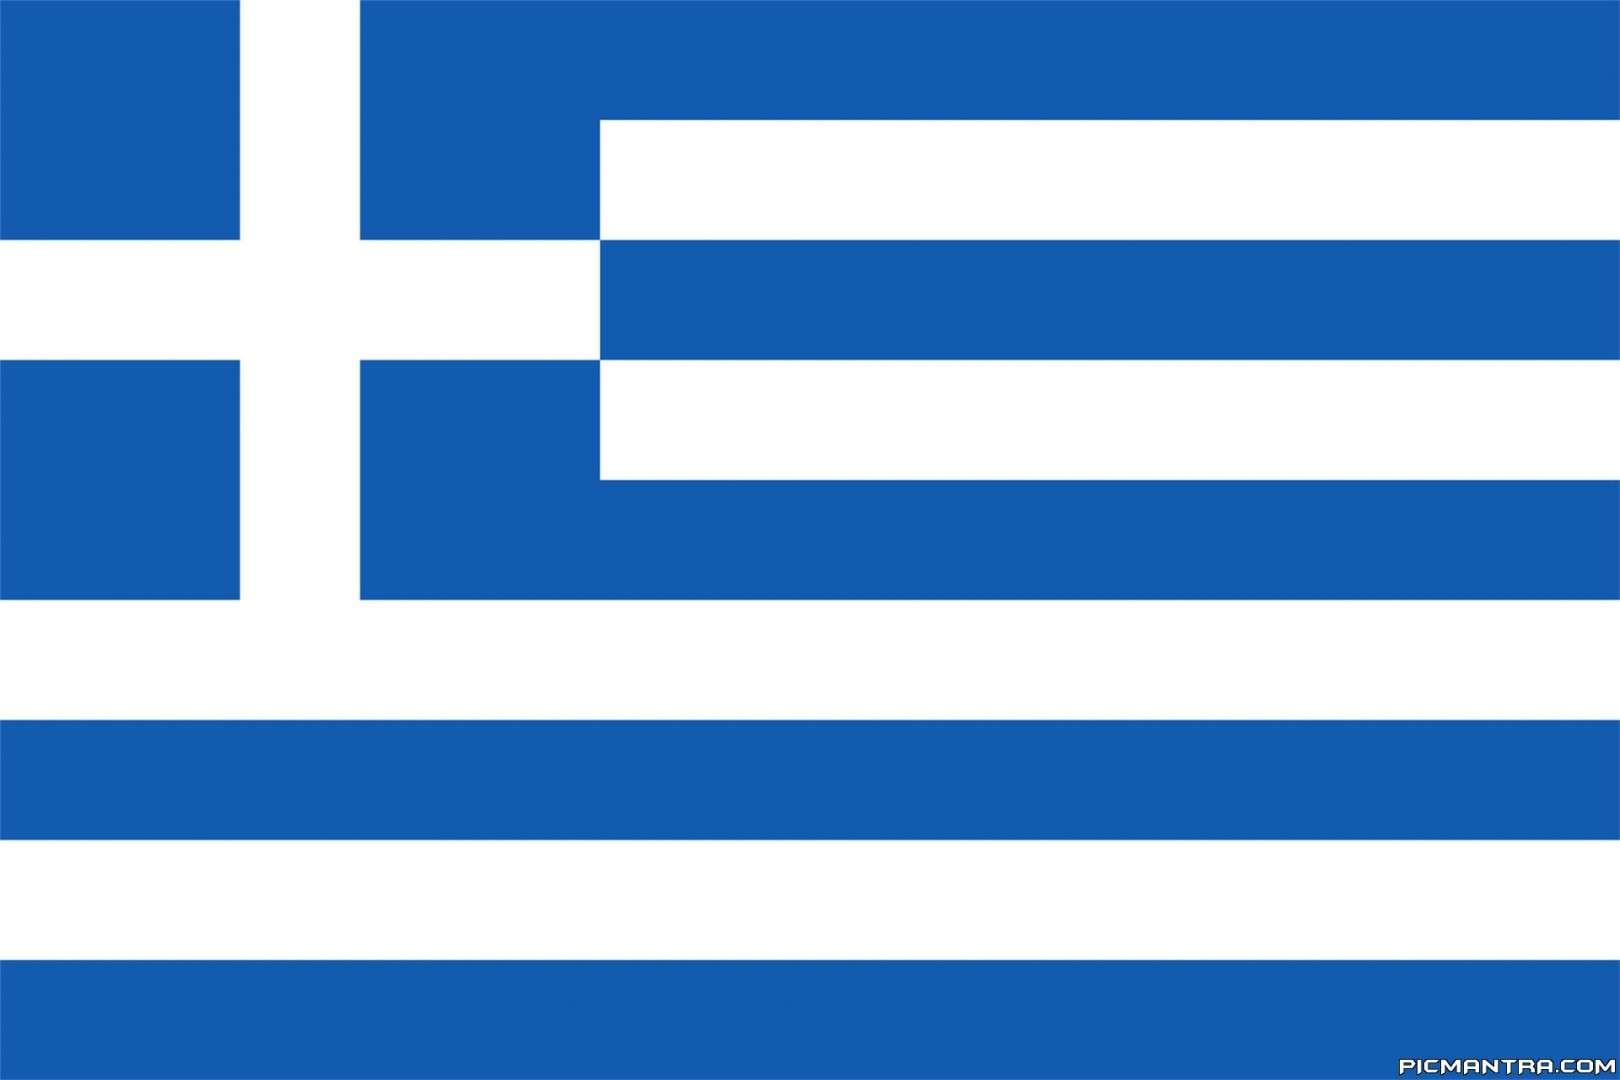 the gallery for greek flag wallpaper. Black Bedroom Furniture Sets. Home Design Ideas